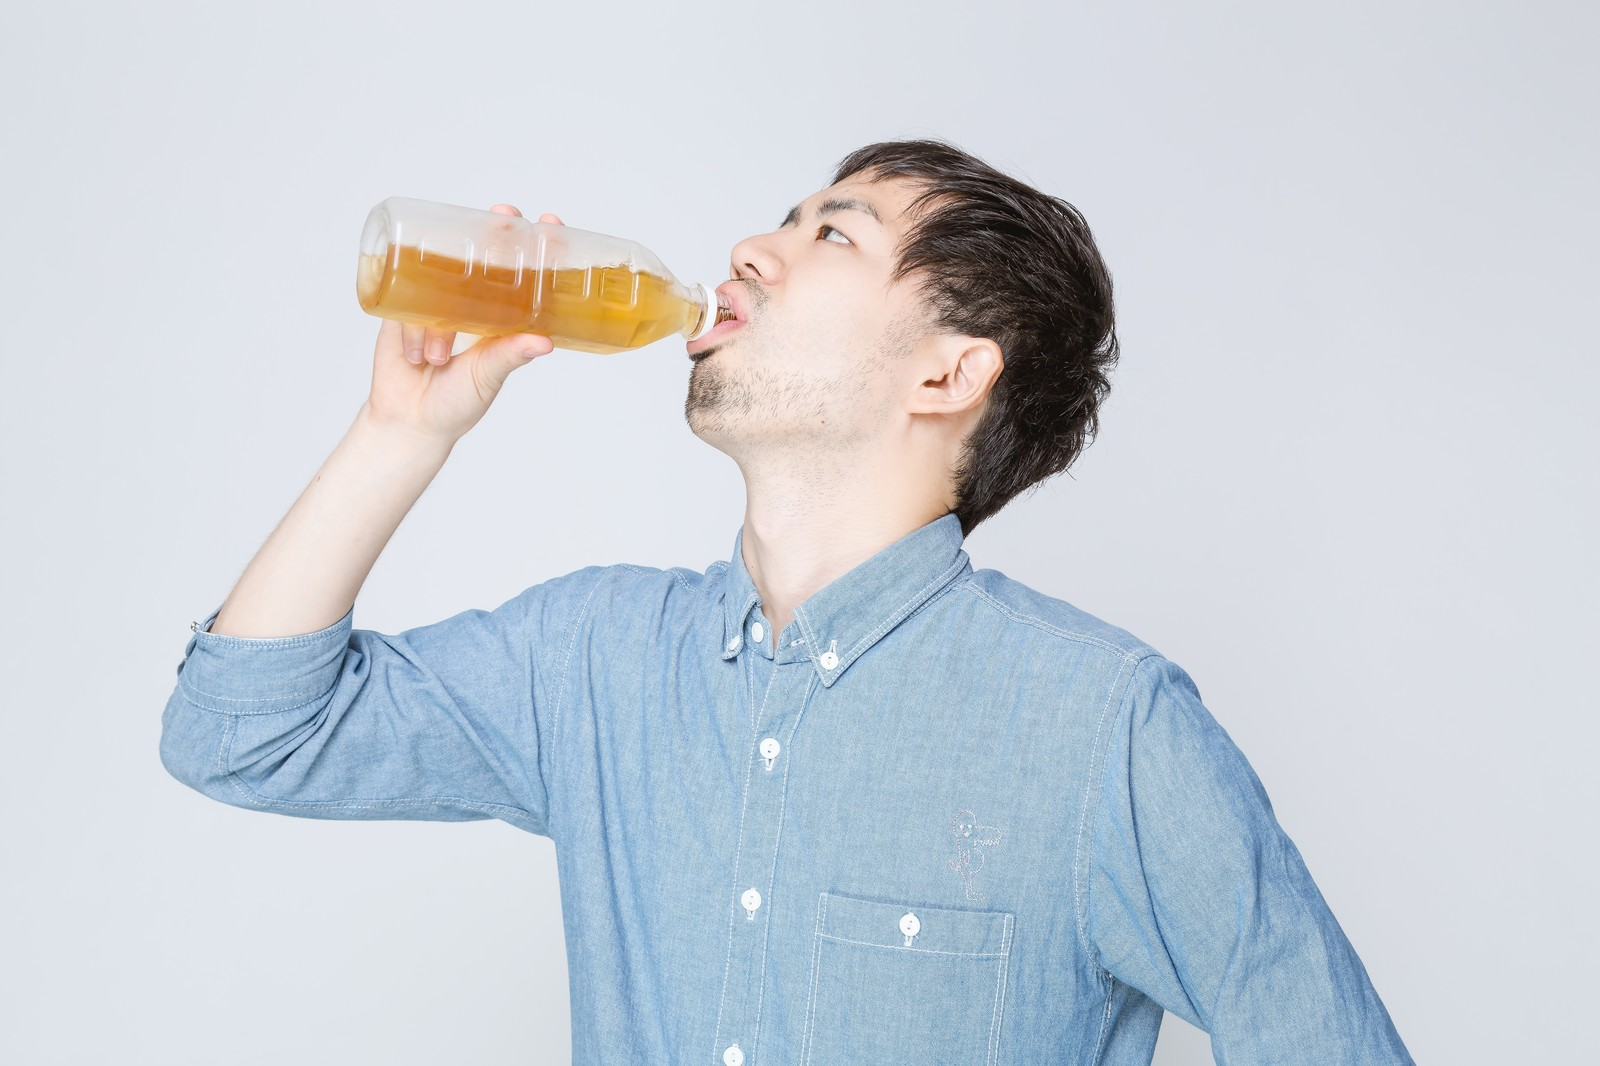 お茶をぐびぐび飲む男性の写真(画像)を無料ダウンロード - フリー ...